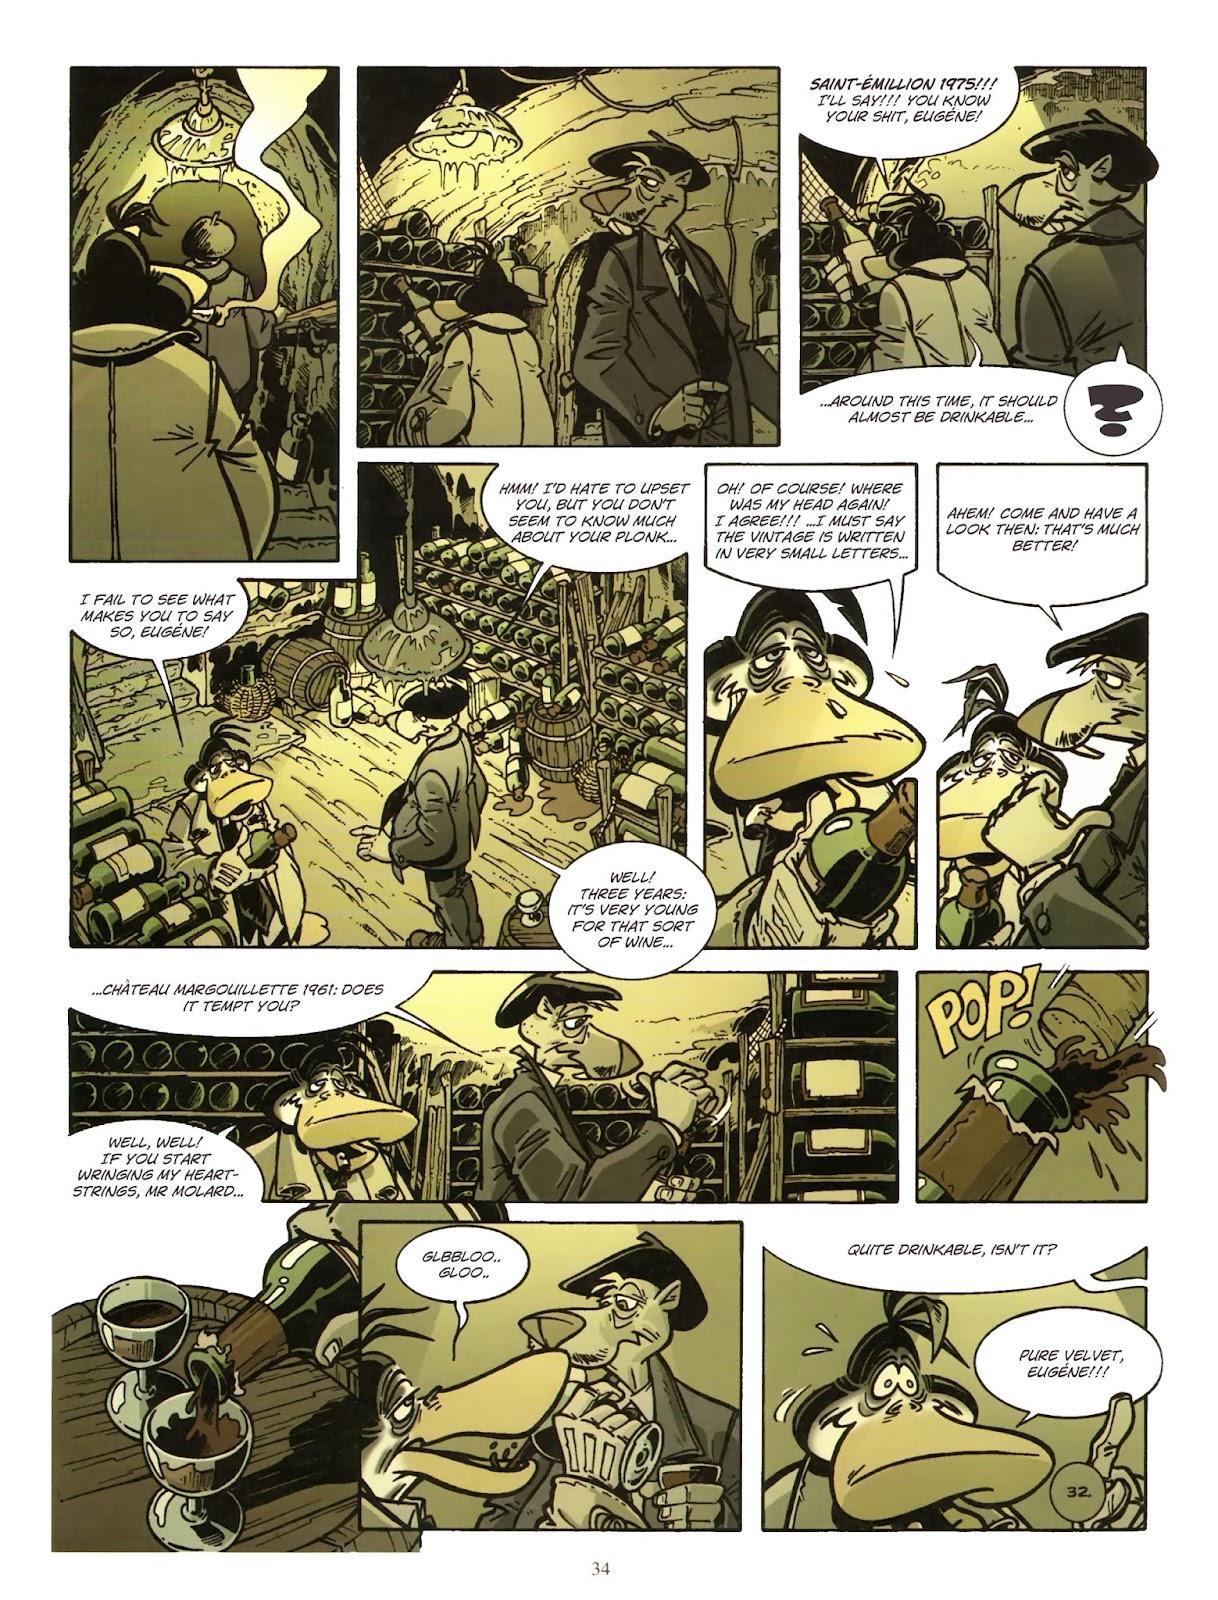 Une enquête de l'inspecteur Canardo issue 11 - Page 35